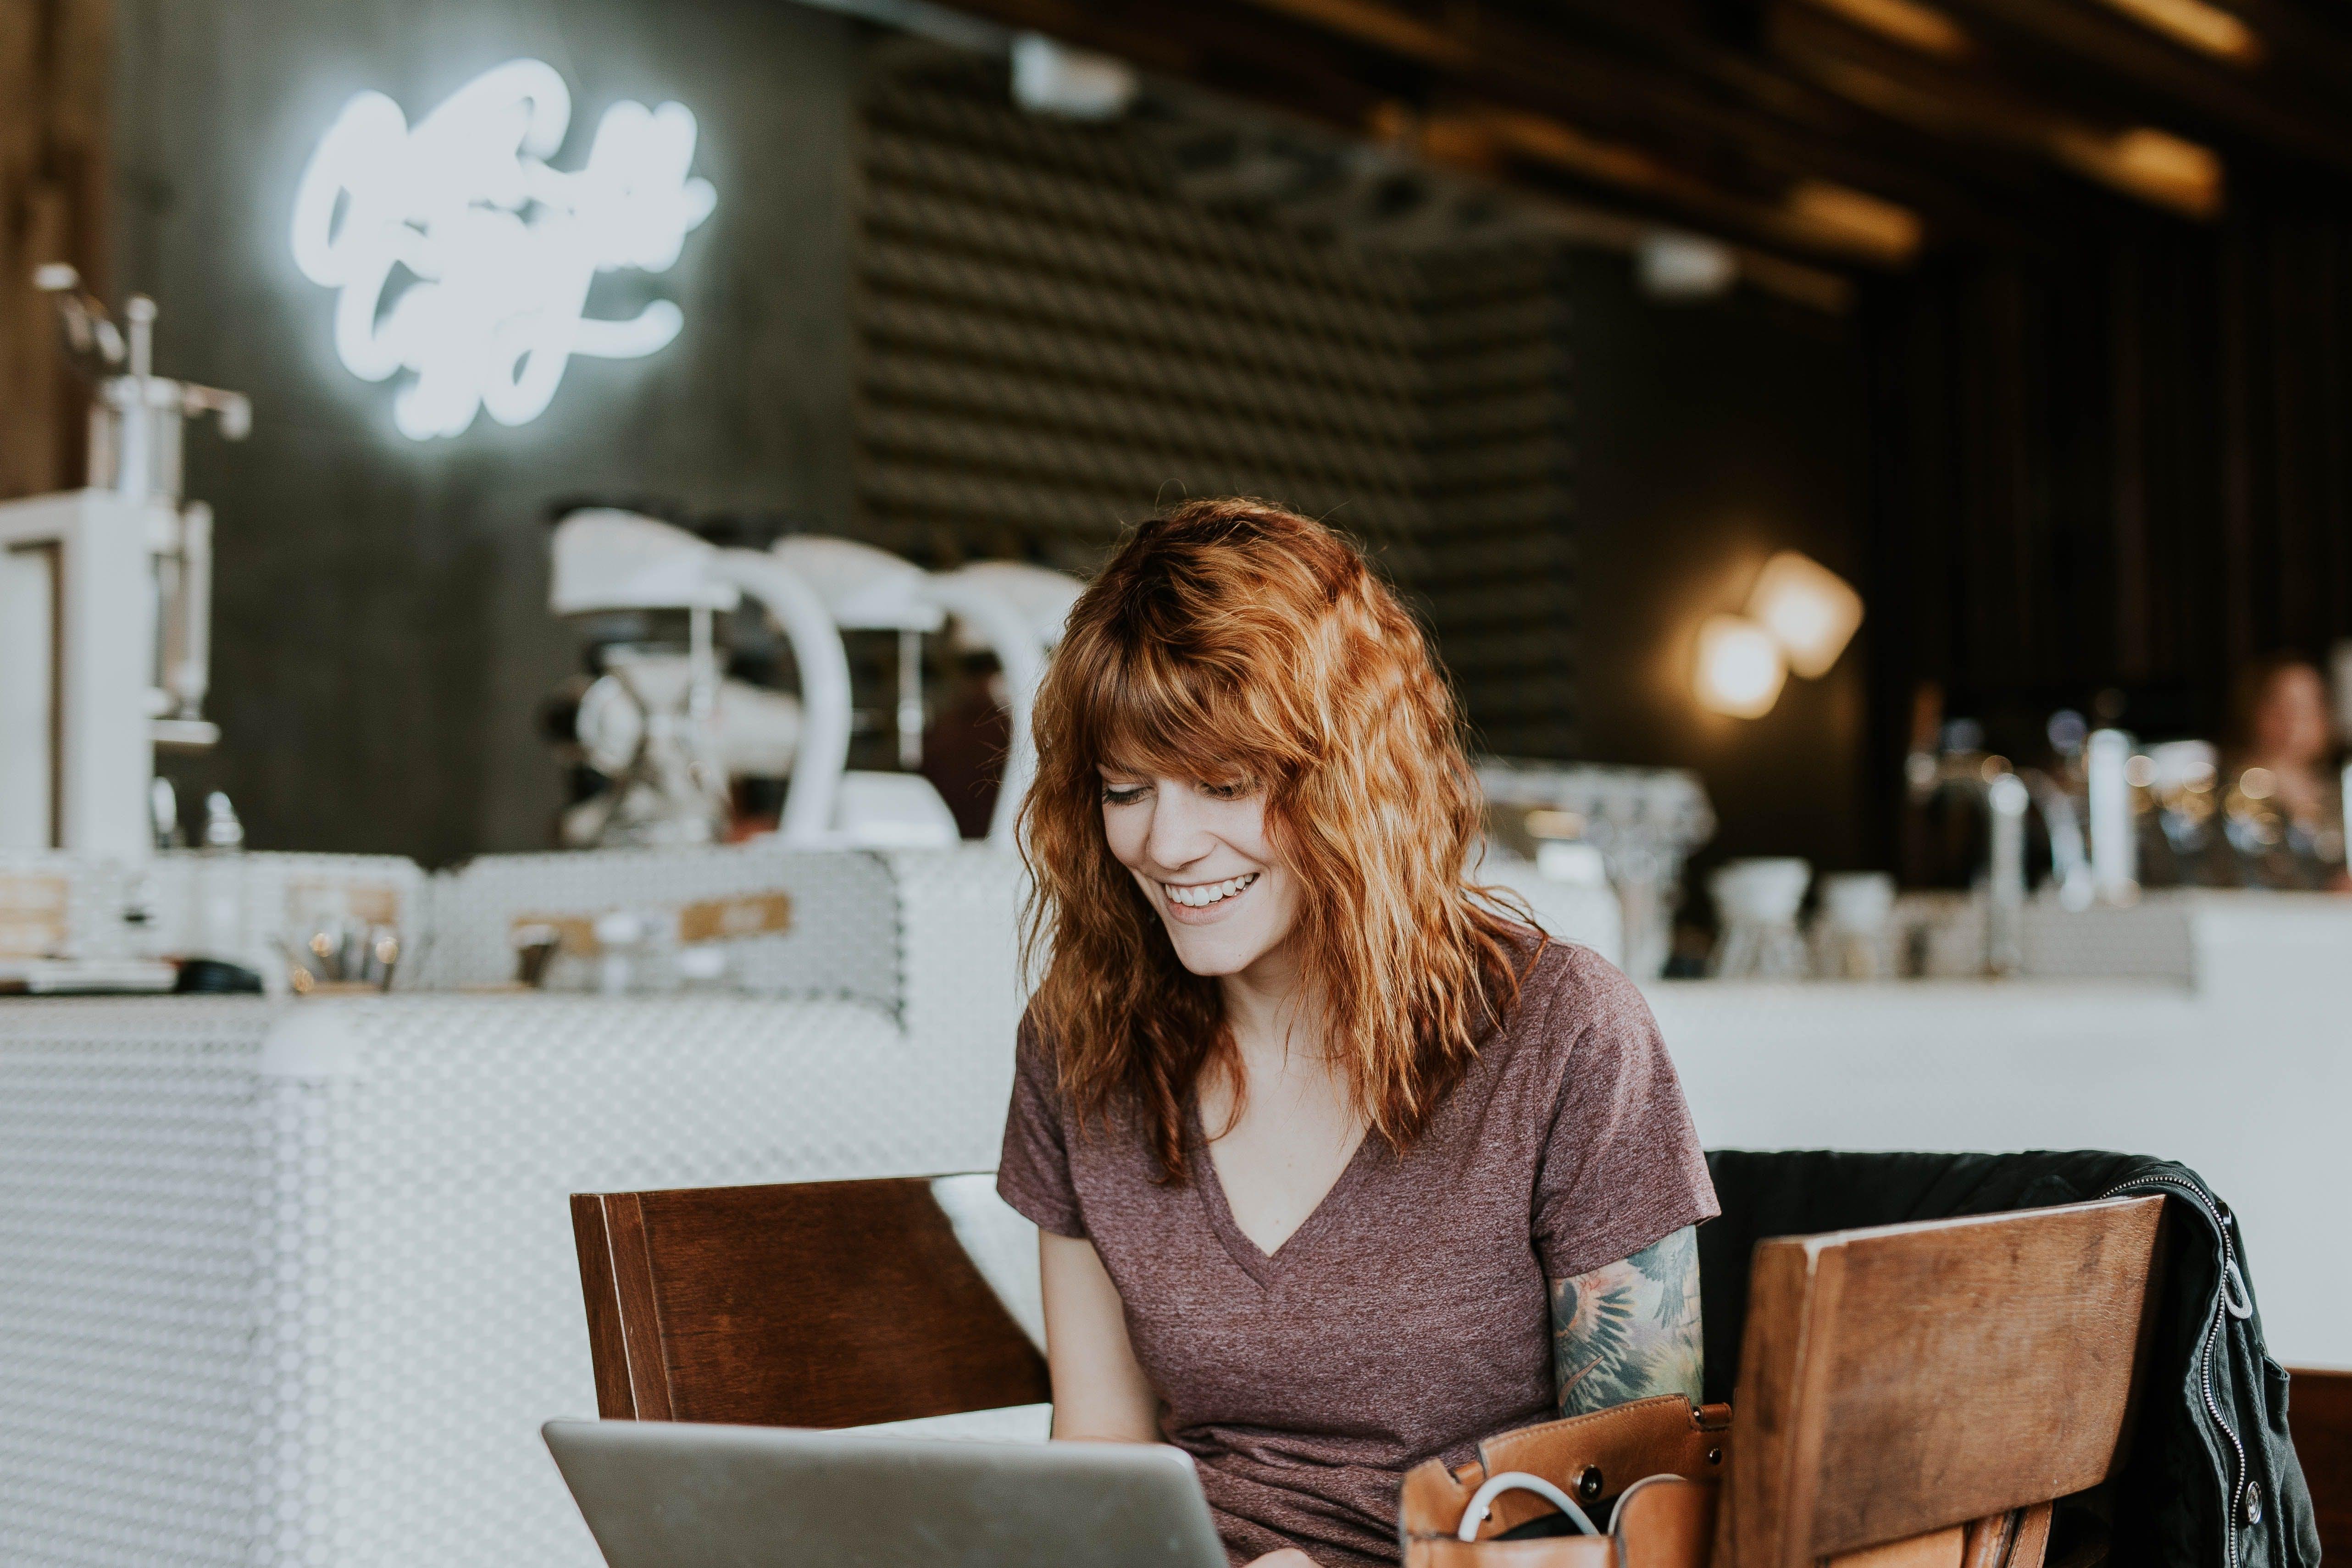 Seven tips for safe online banking